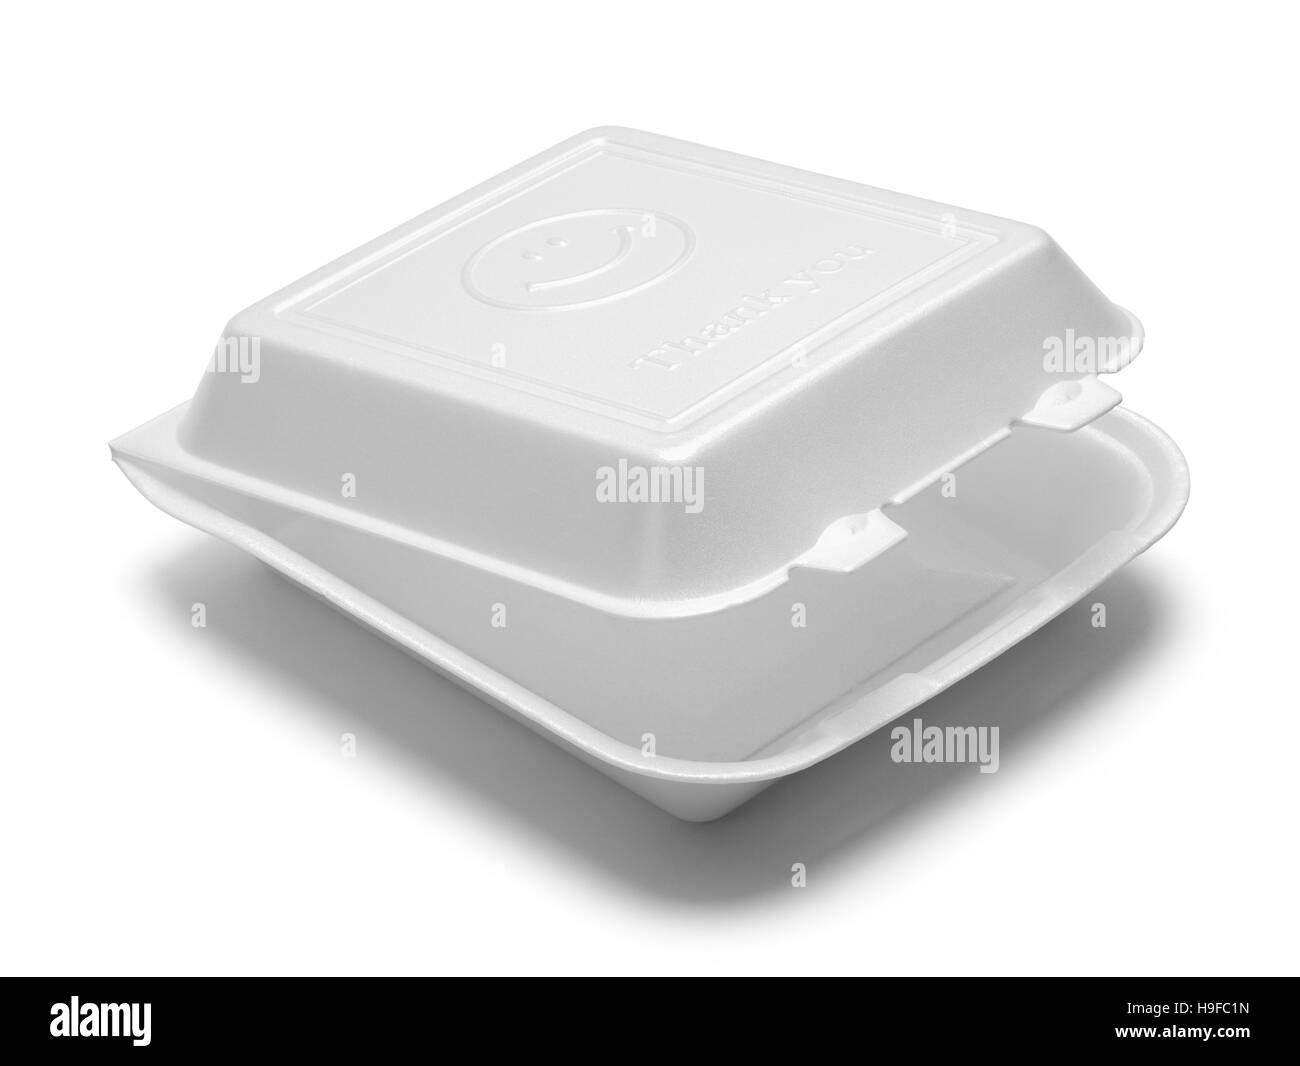 Open Styrofoam To Go Box Isolated on White Background. - Stock Image